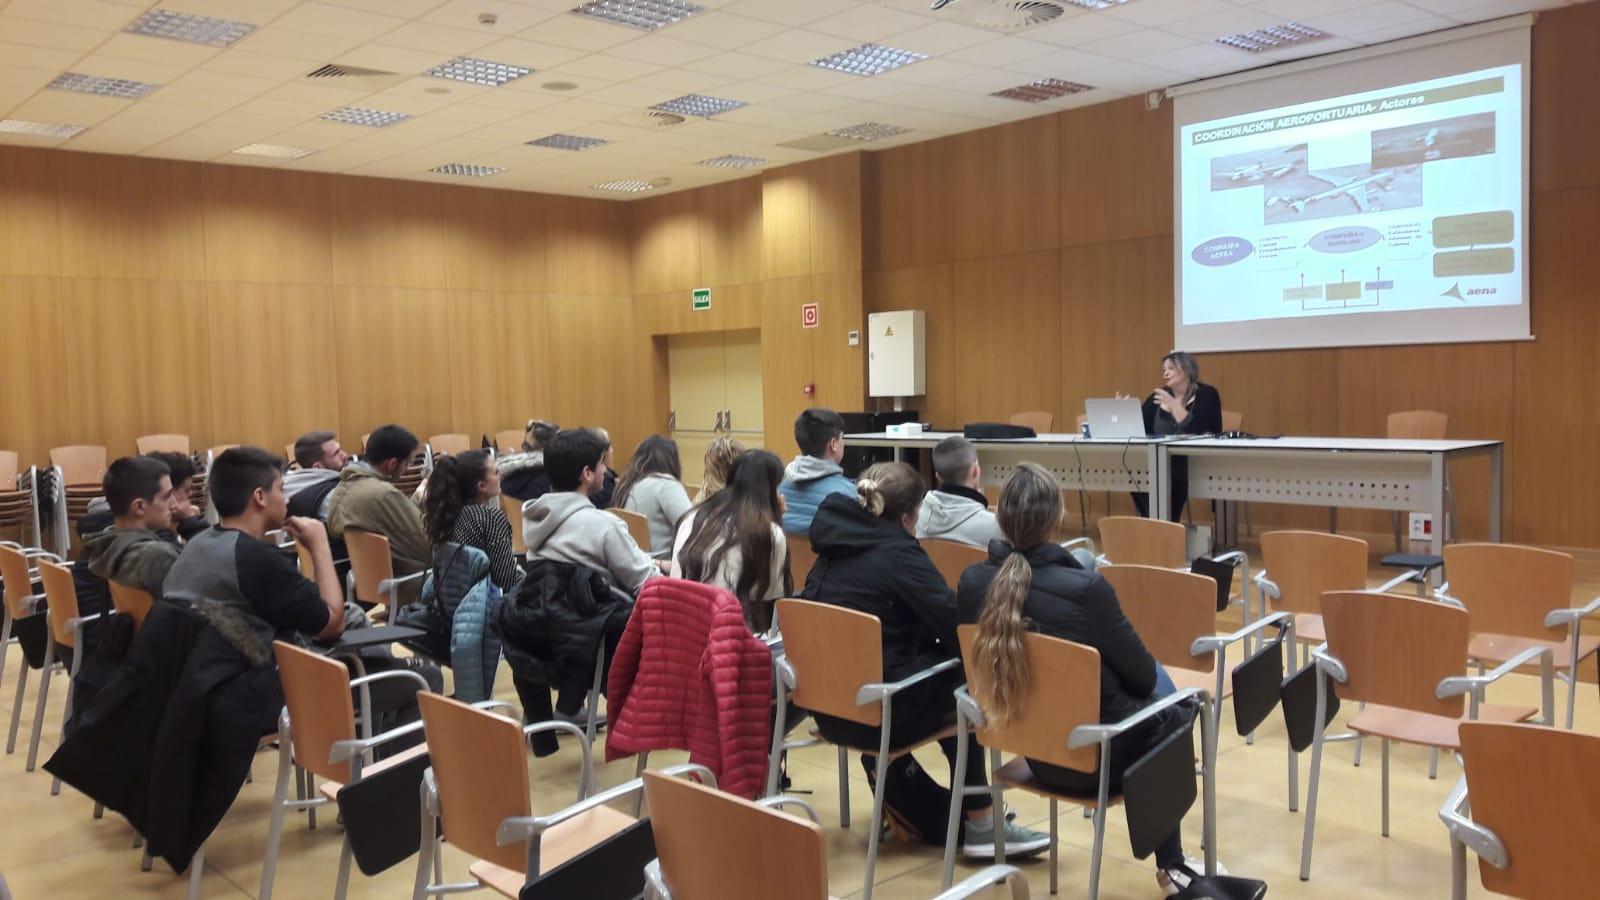 Els estudiants de 2n curs de TES del Centre Garbí visiten el Centre Coordinador de l'Aeroport de Girona i el seu equip de bombers